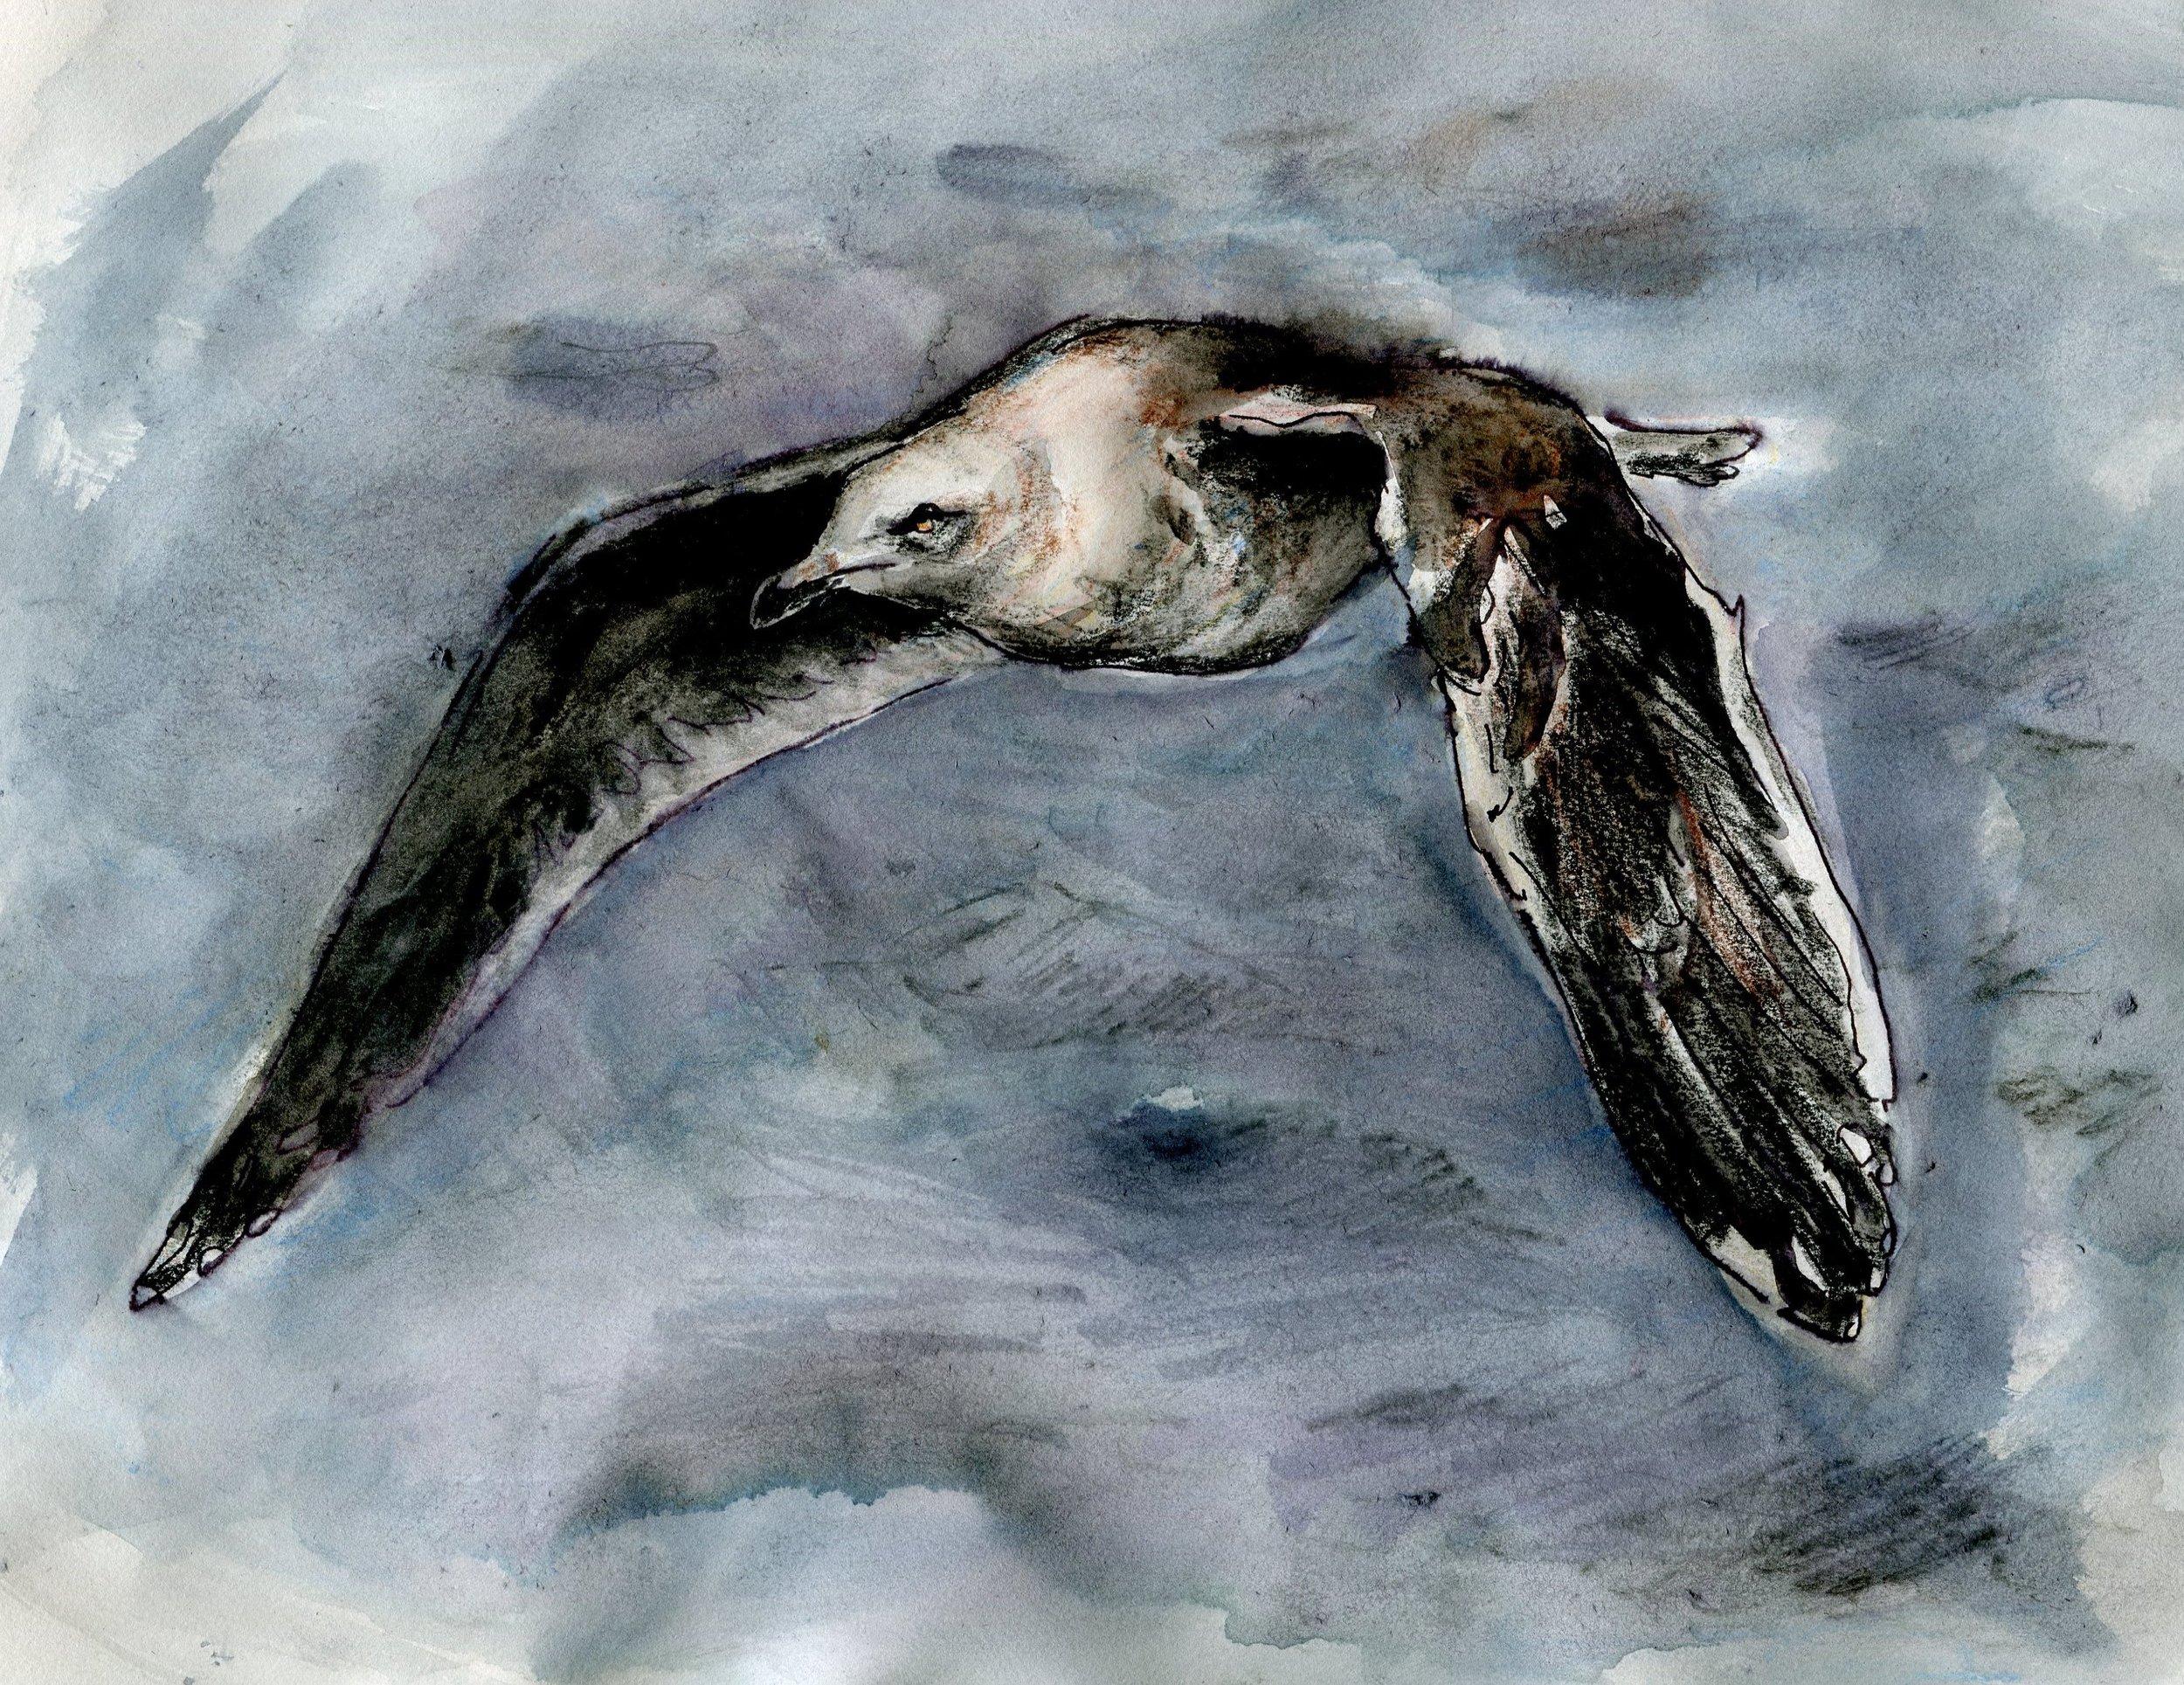 Jeremiah Trimble's Slaty-backed Gull (click to enlarge)